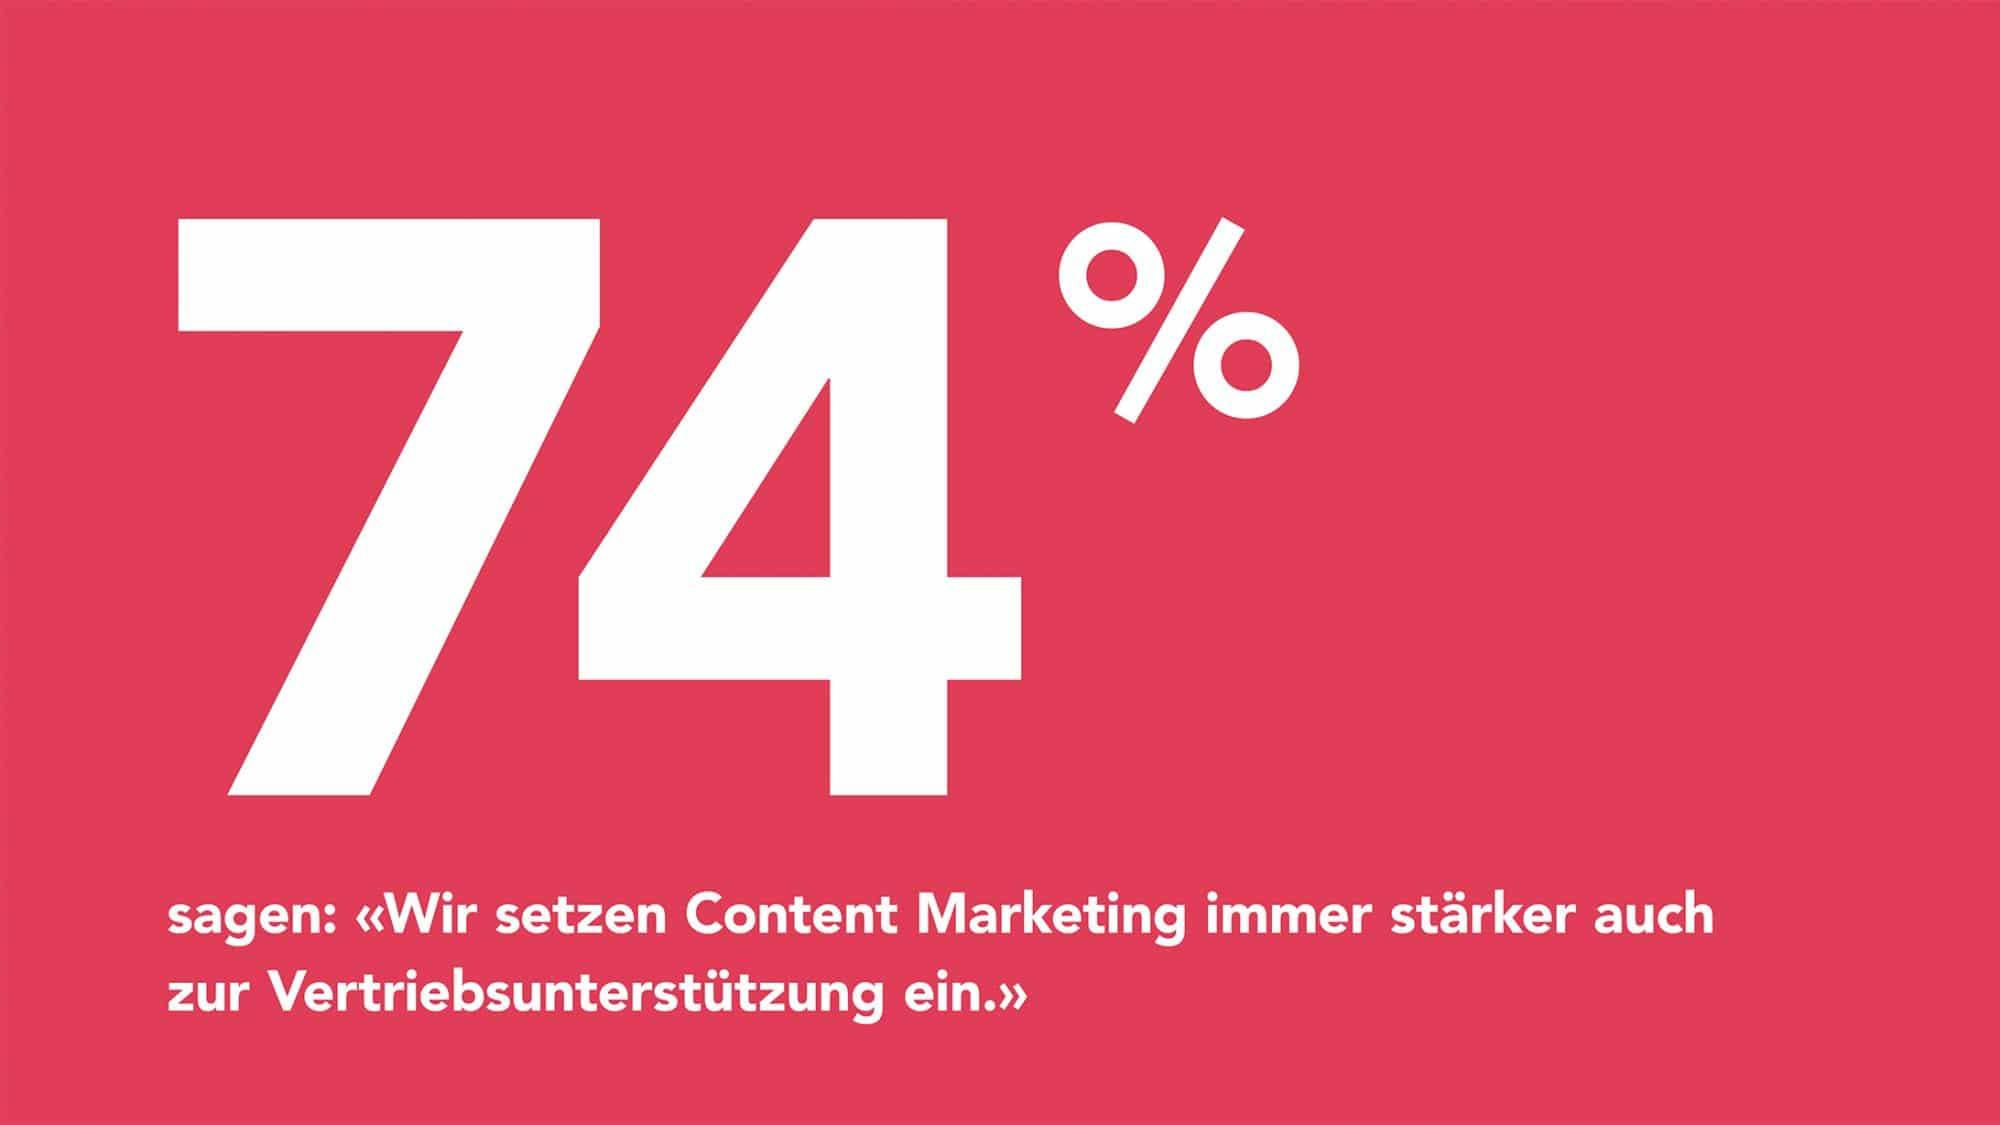 Quelle: Basisstudie vom Content Marketing Forum 2018